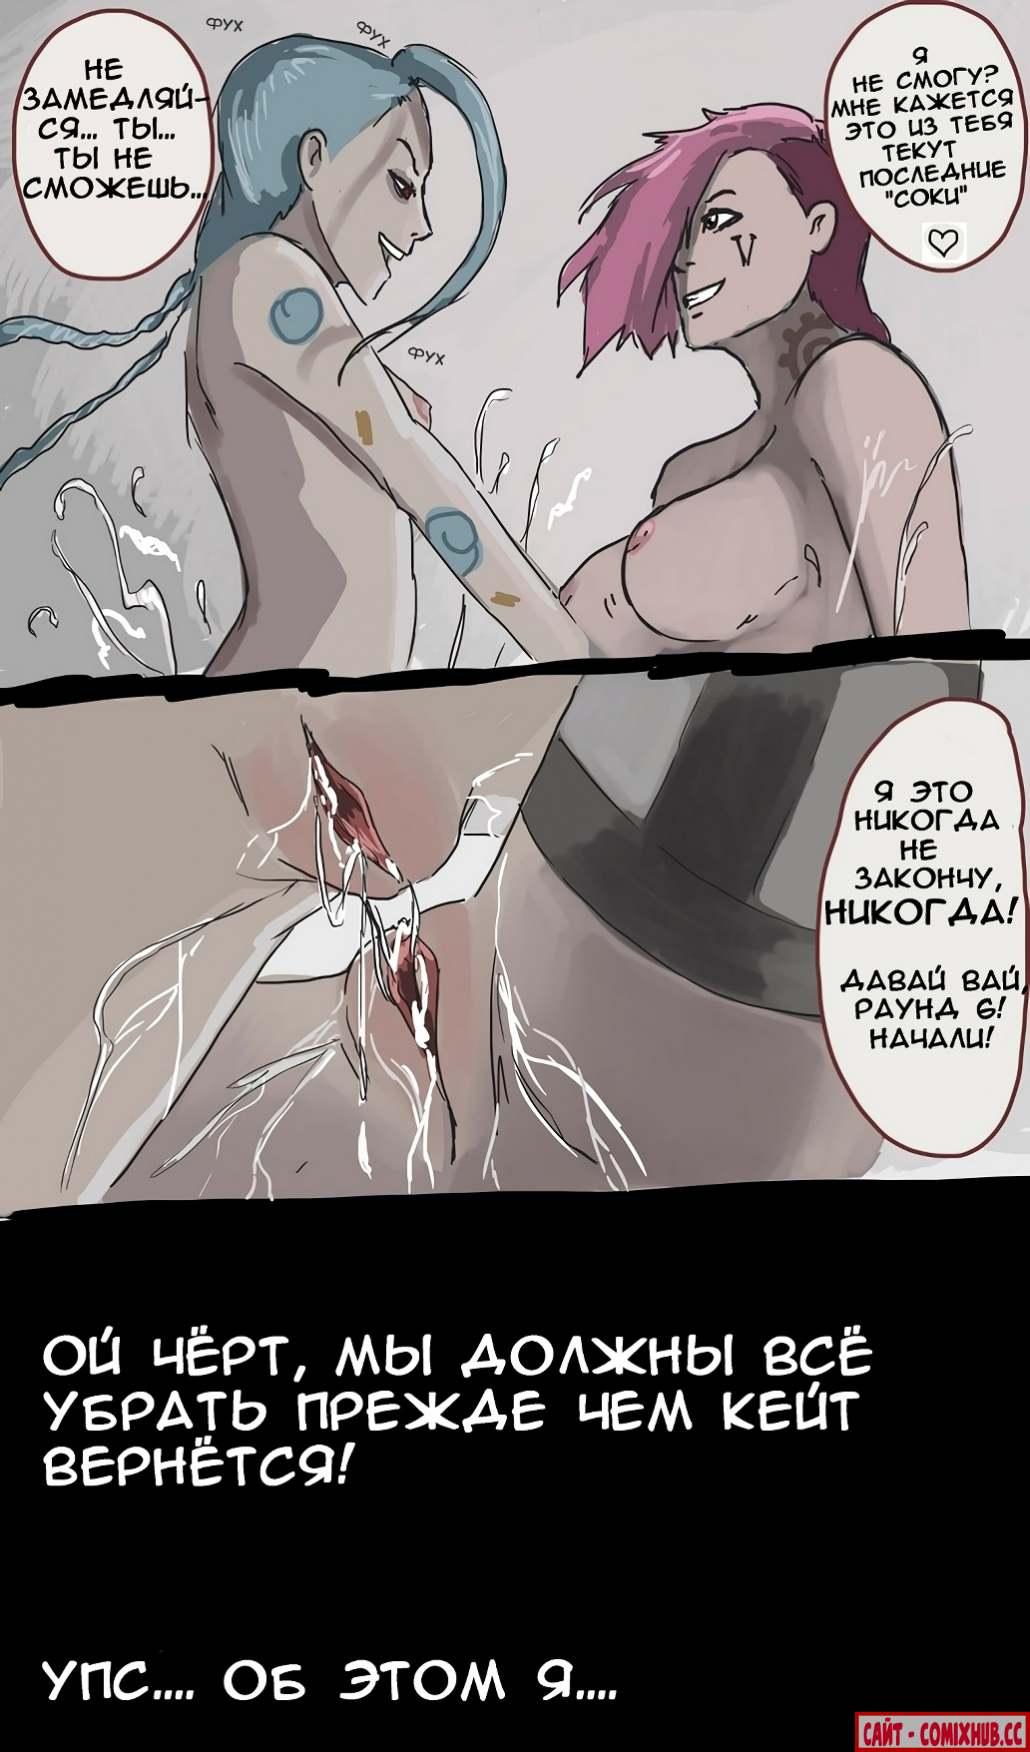 Порно комиксы — Vinx is coming! По играм,